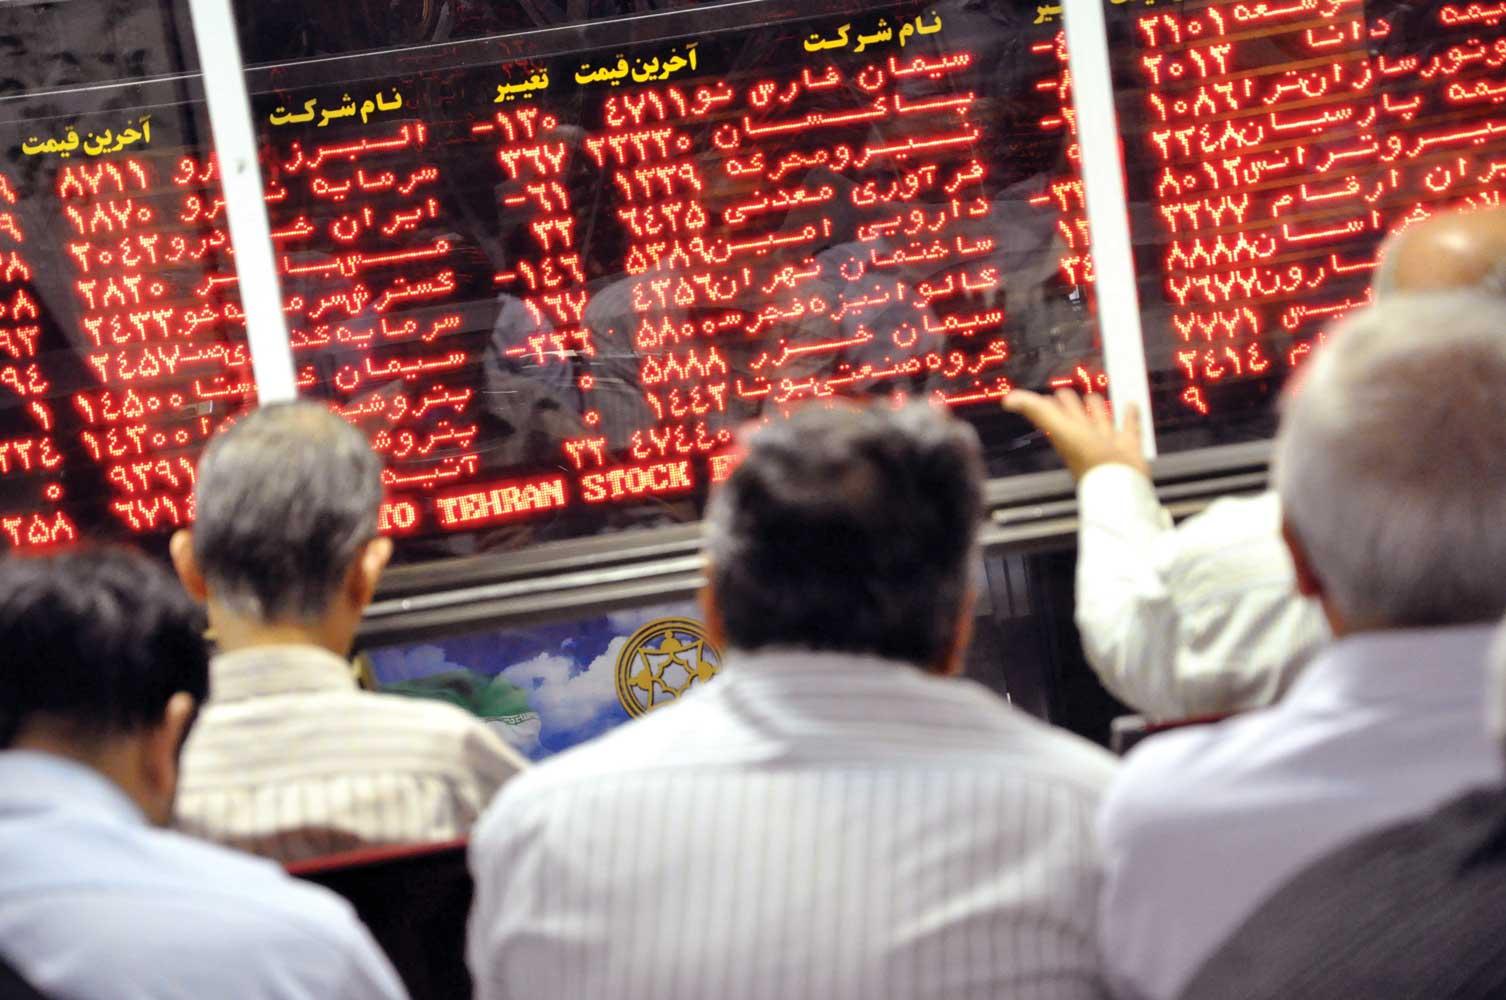 بررسی وضعیت سوددهی بازارهای مختلف؛ جذابترین گزینه برای سرمایهگذاری چیست؟